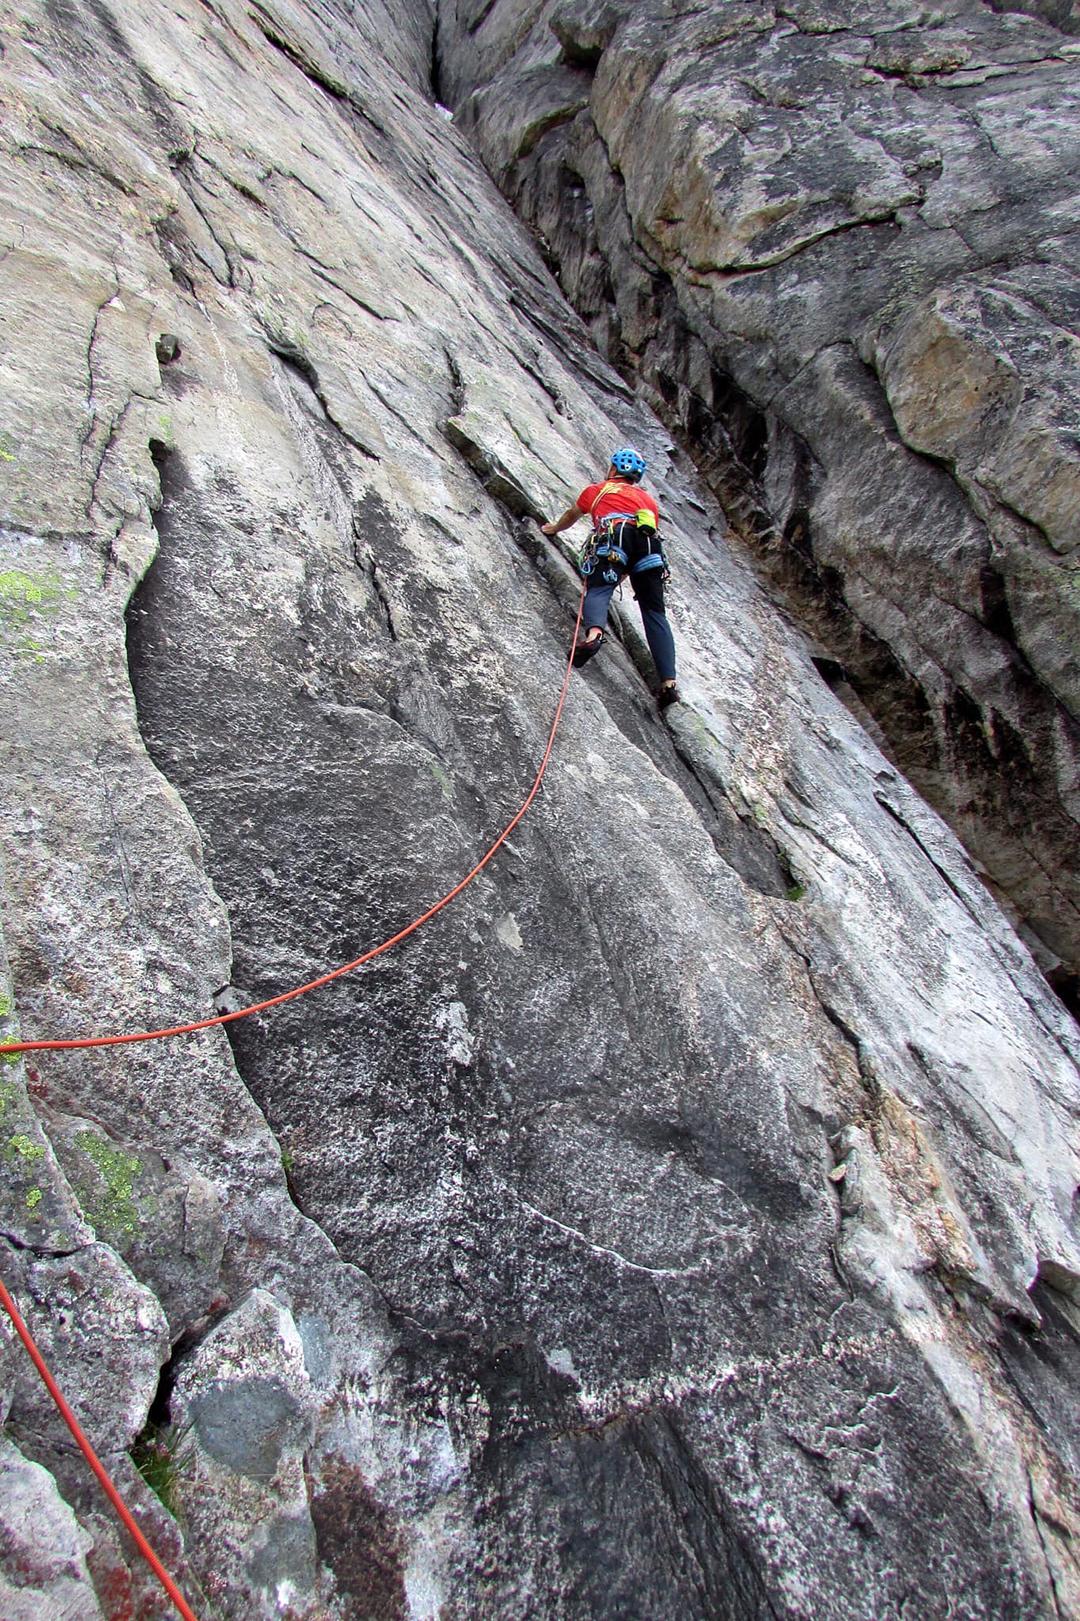 On the first ascent of Der Fliegende Hollander, southwest face of Pik Mechta.